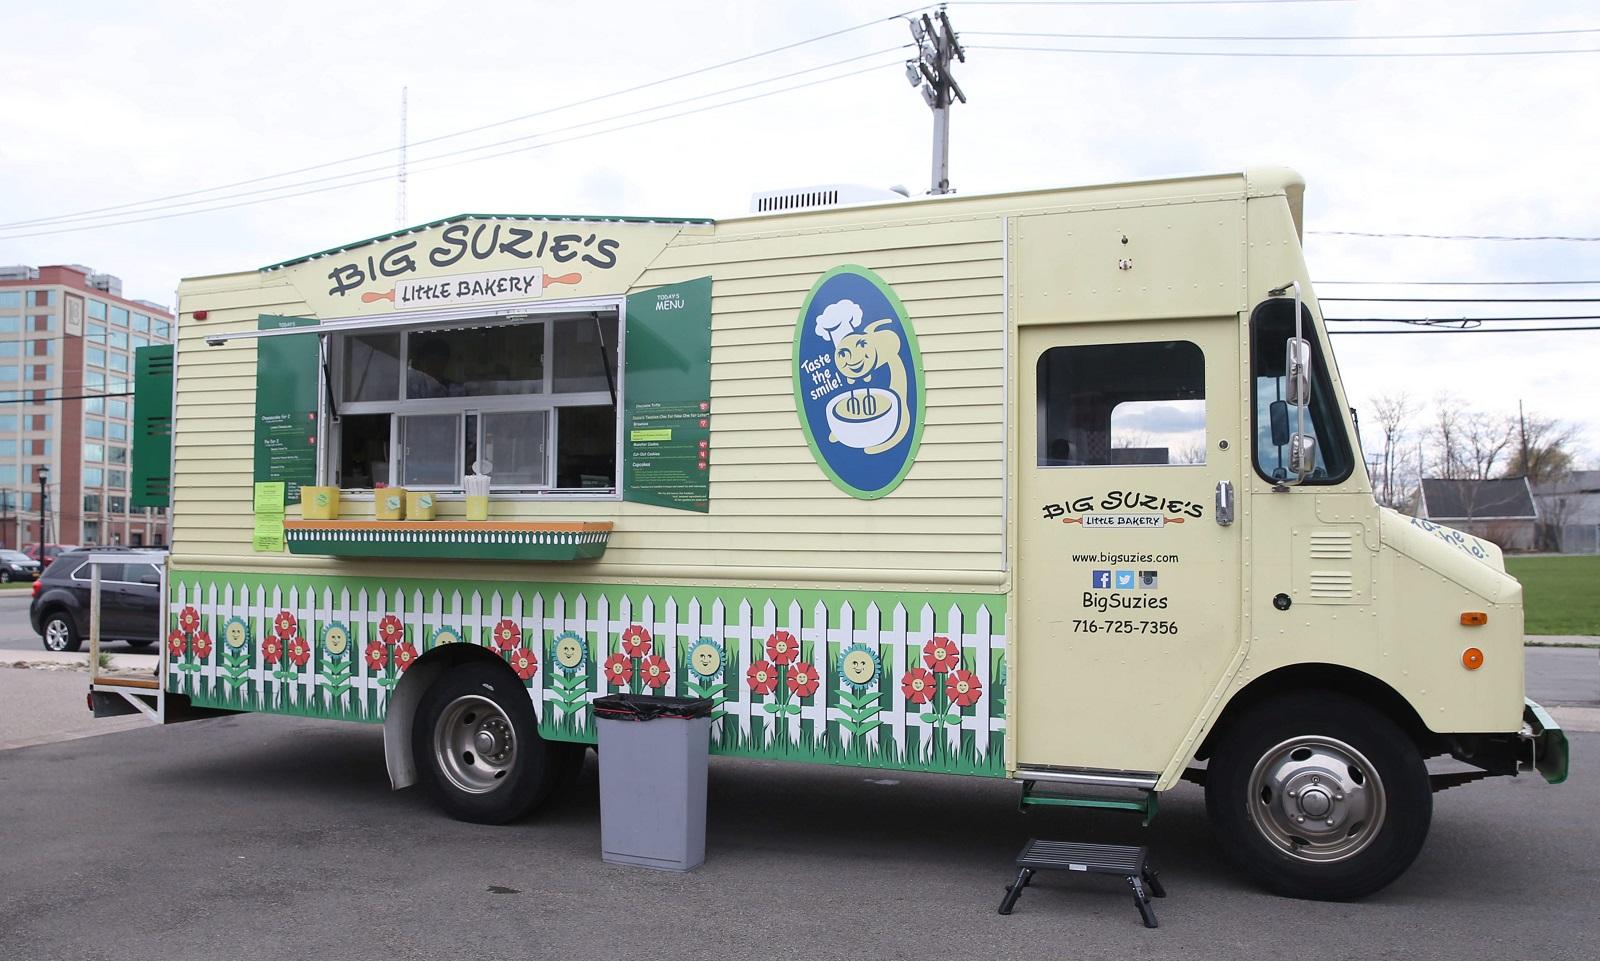 Big Suzie's Little Bakery is a dessert-centered food truck. (Sharon Cantillon/Buffalo News)